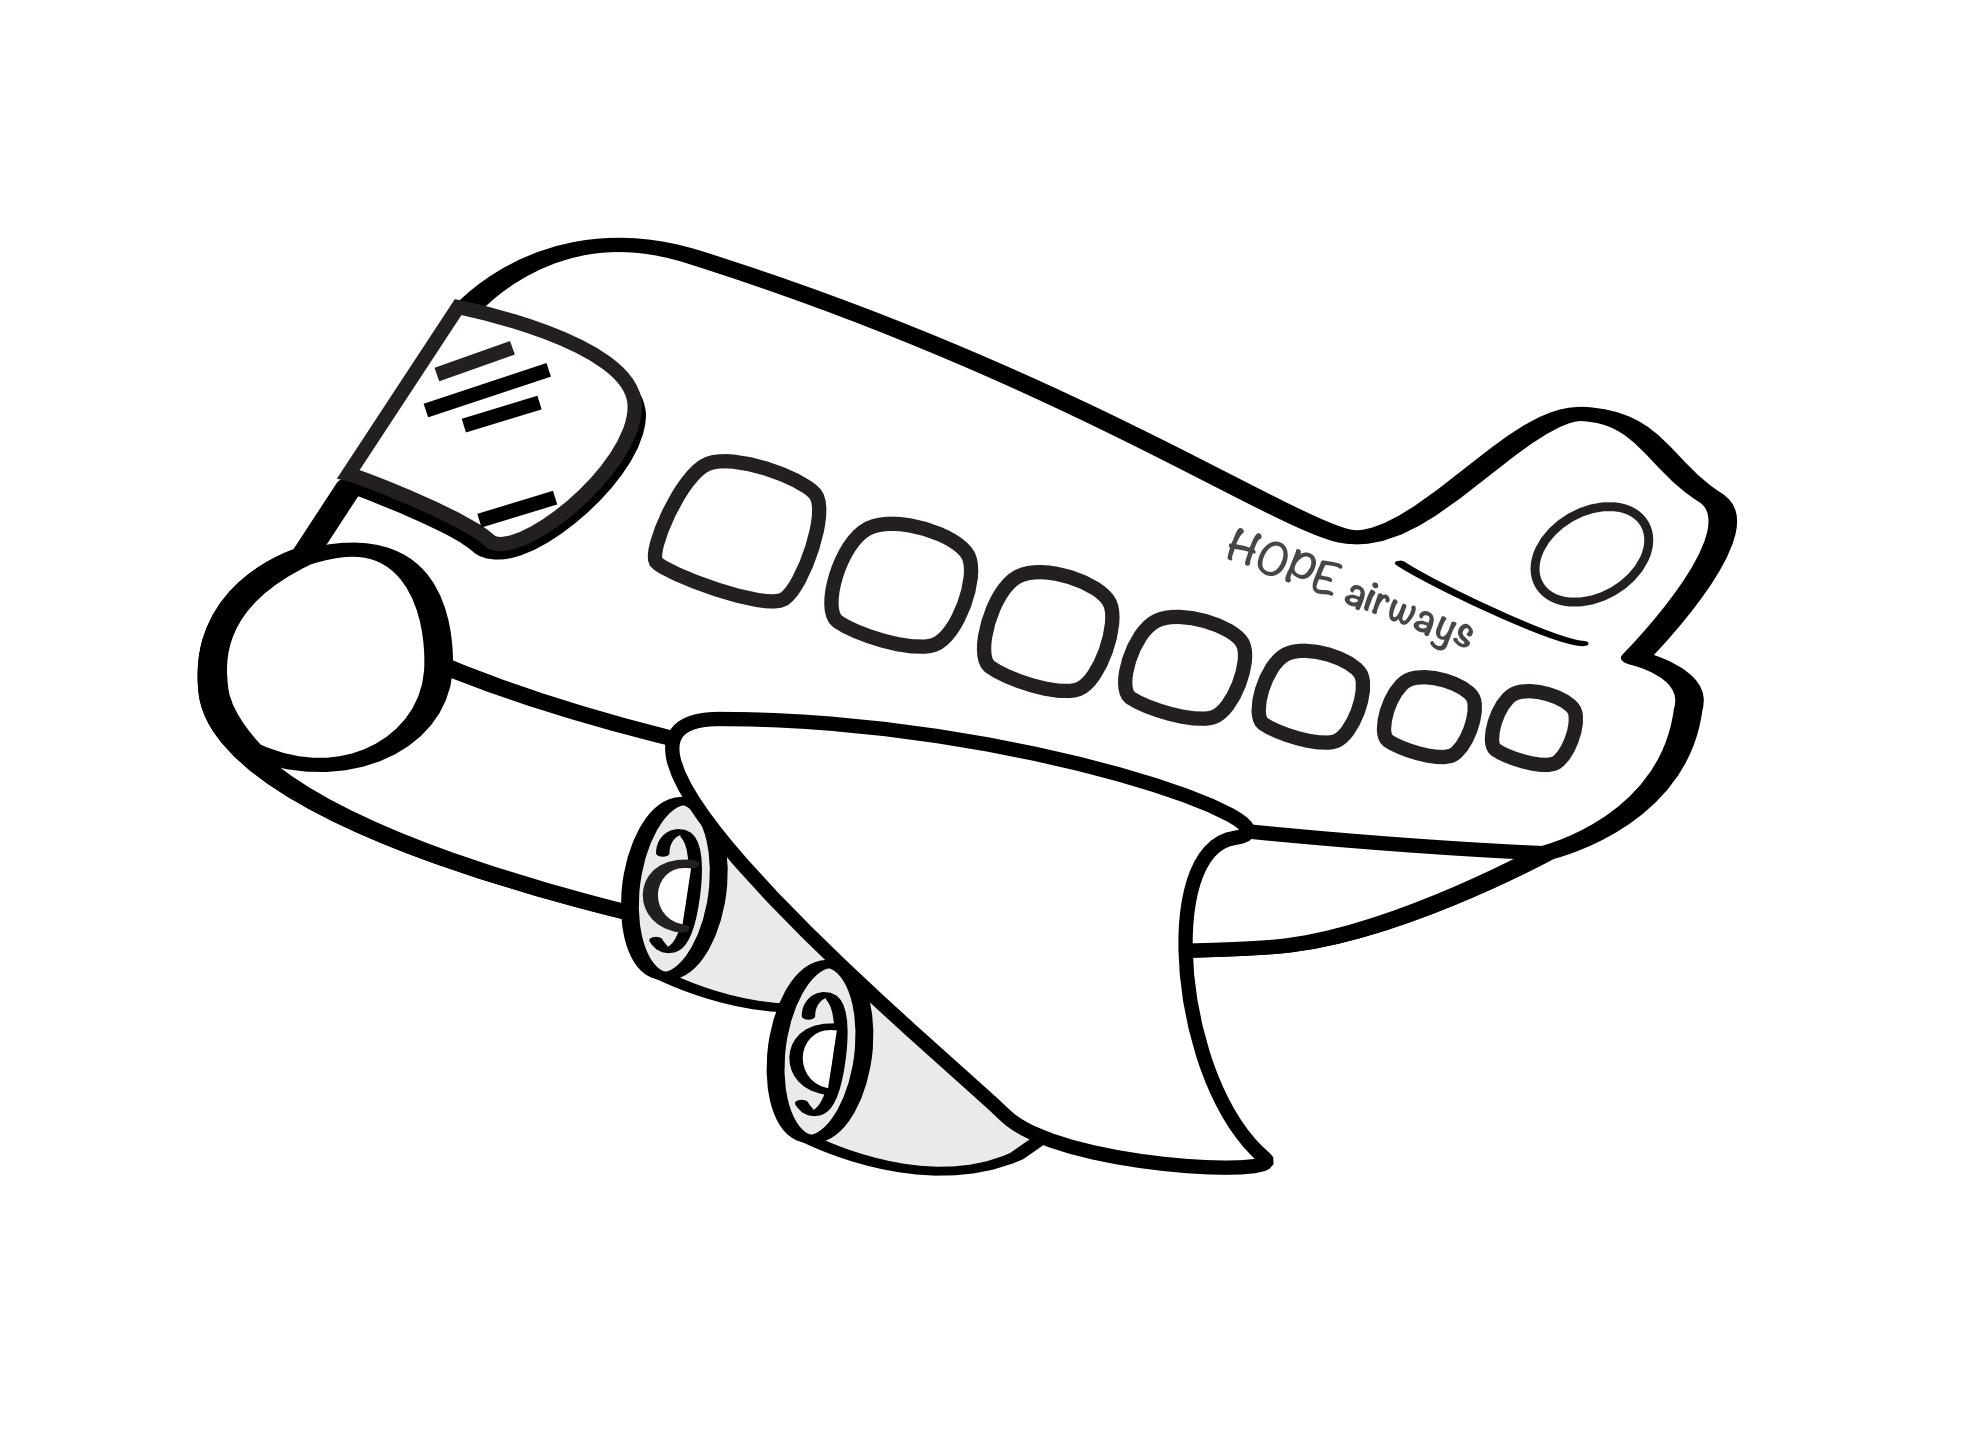 Drawn aircraft clipart white #9